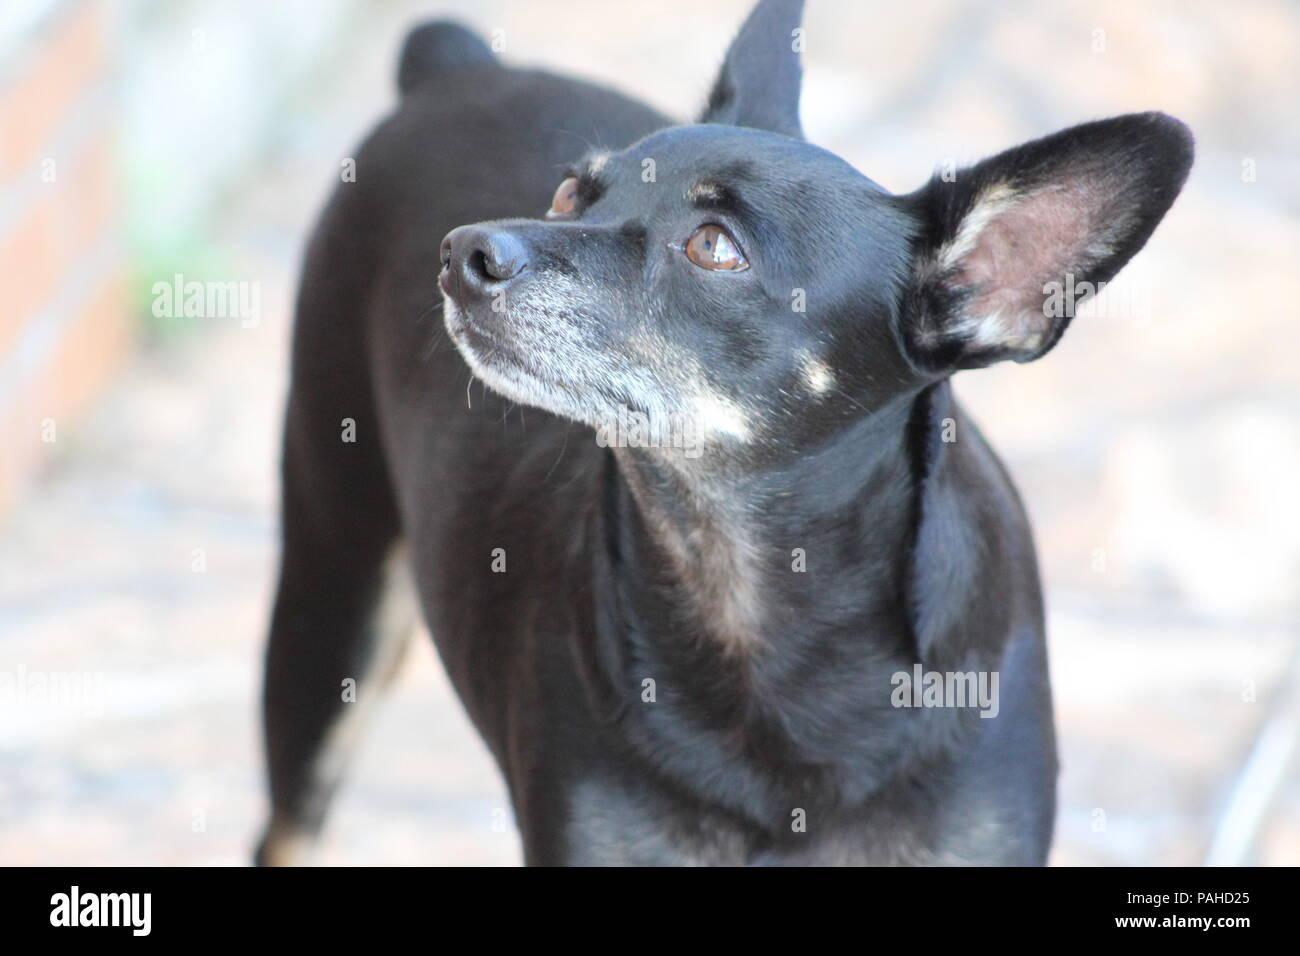 Black male dog - Stock Image